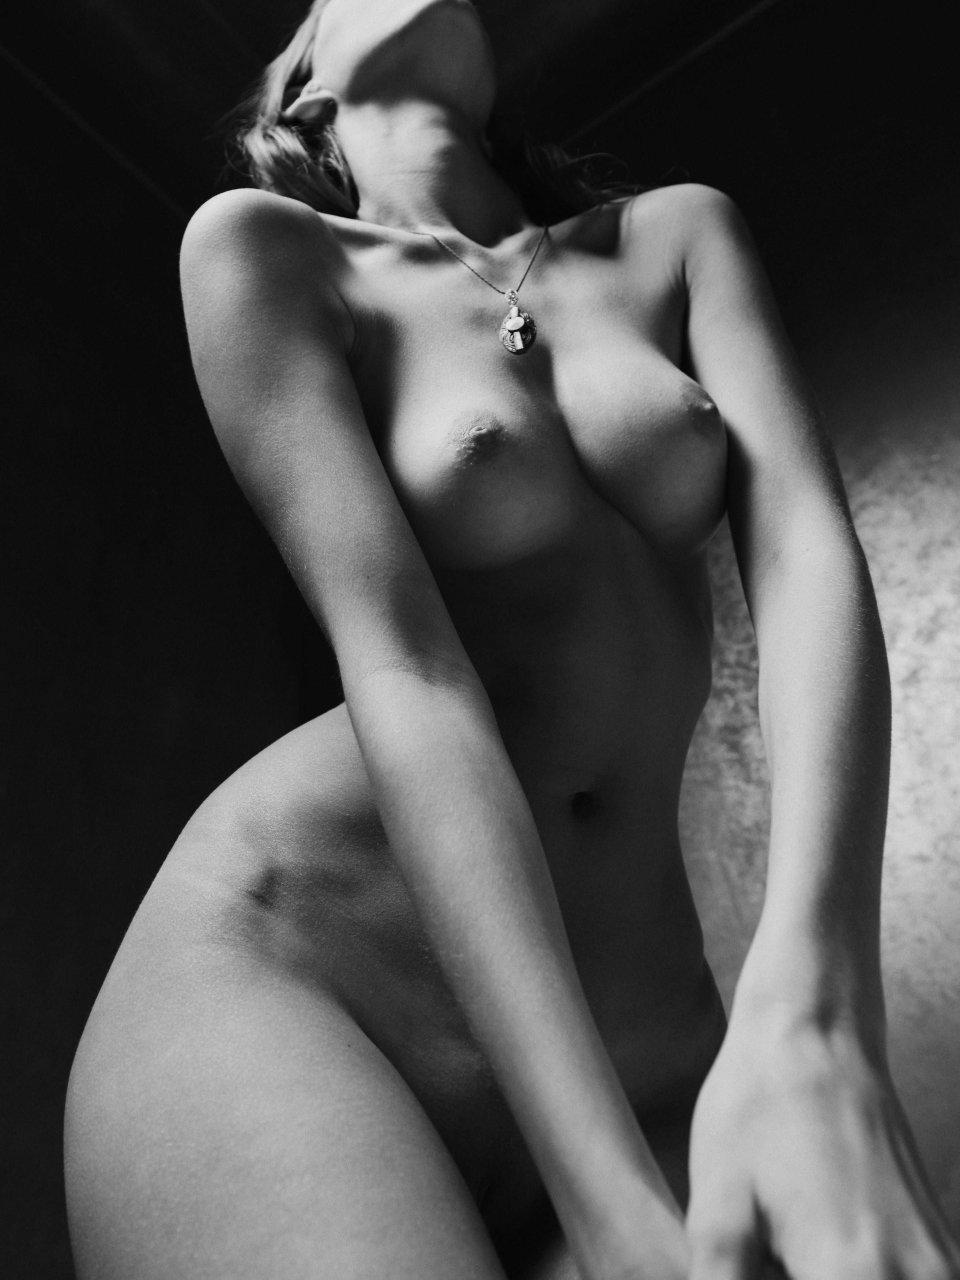 Joyce Verheyen Nude - 9 Photos - 2019 year